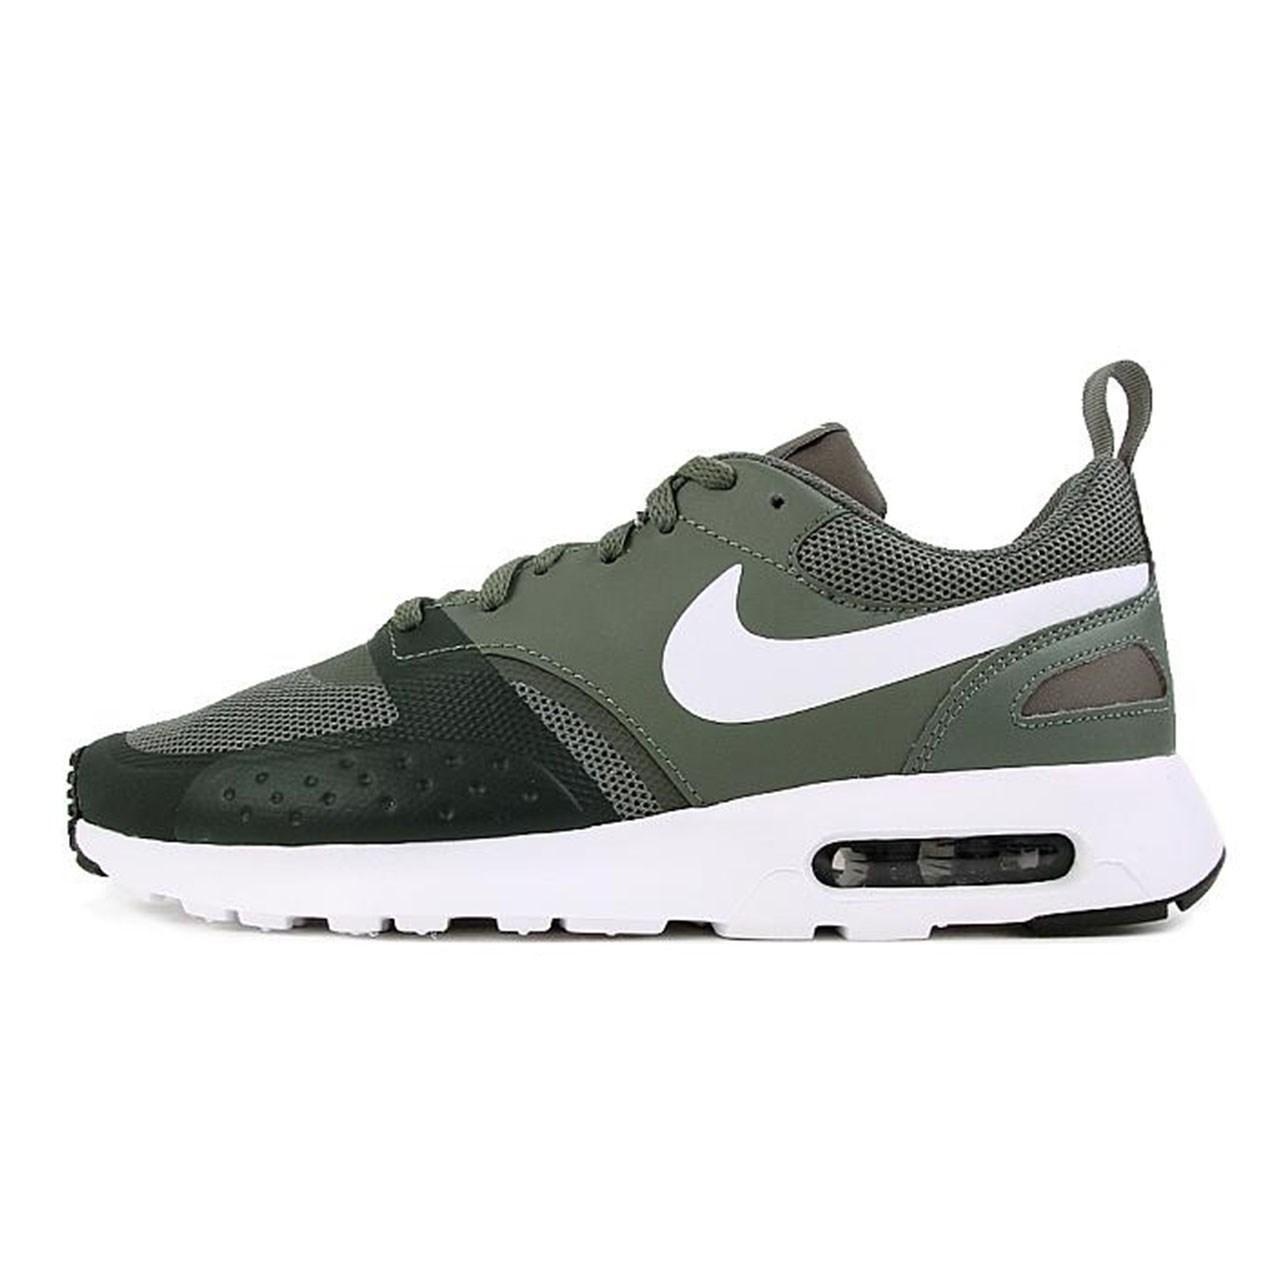 قیمت کفش مخصوص دویدن مردانه نایکی مدل Air Max